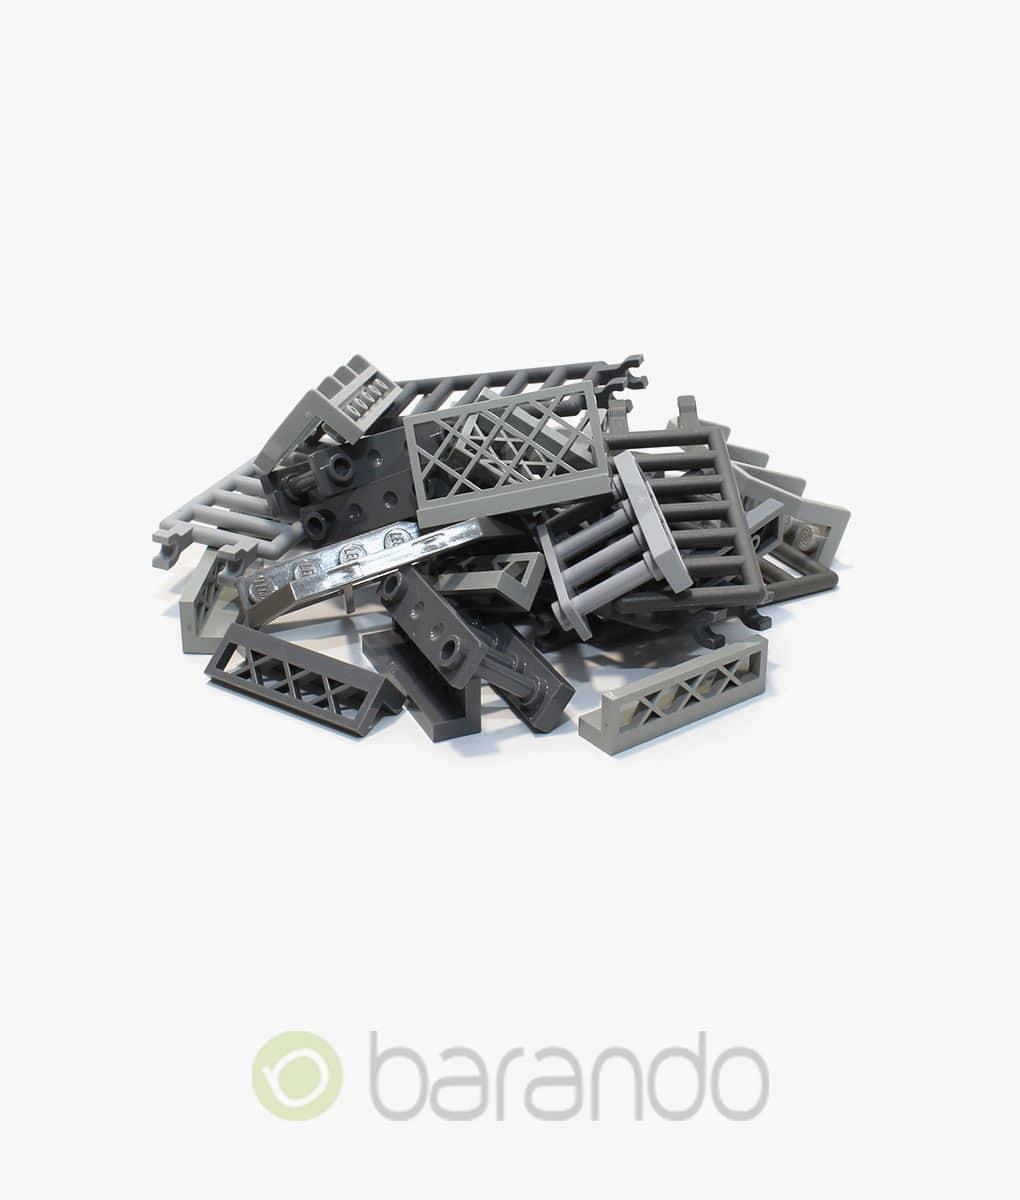 30 LEGO Zaun grau gemischt Fancy kaufen